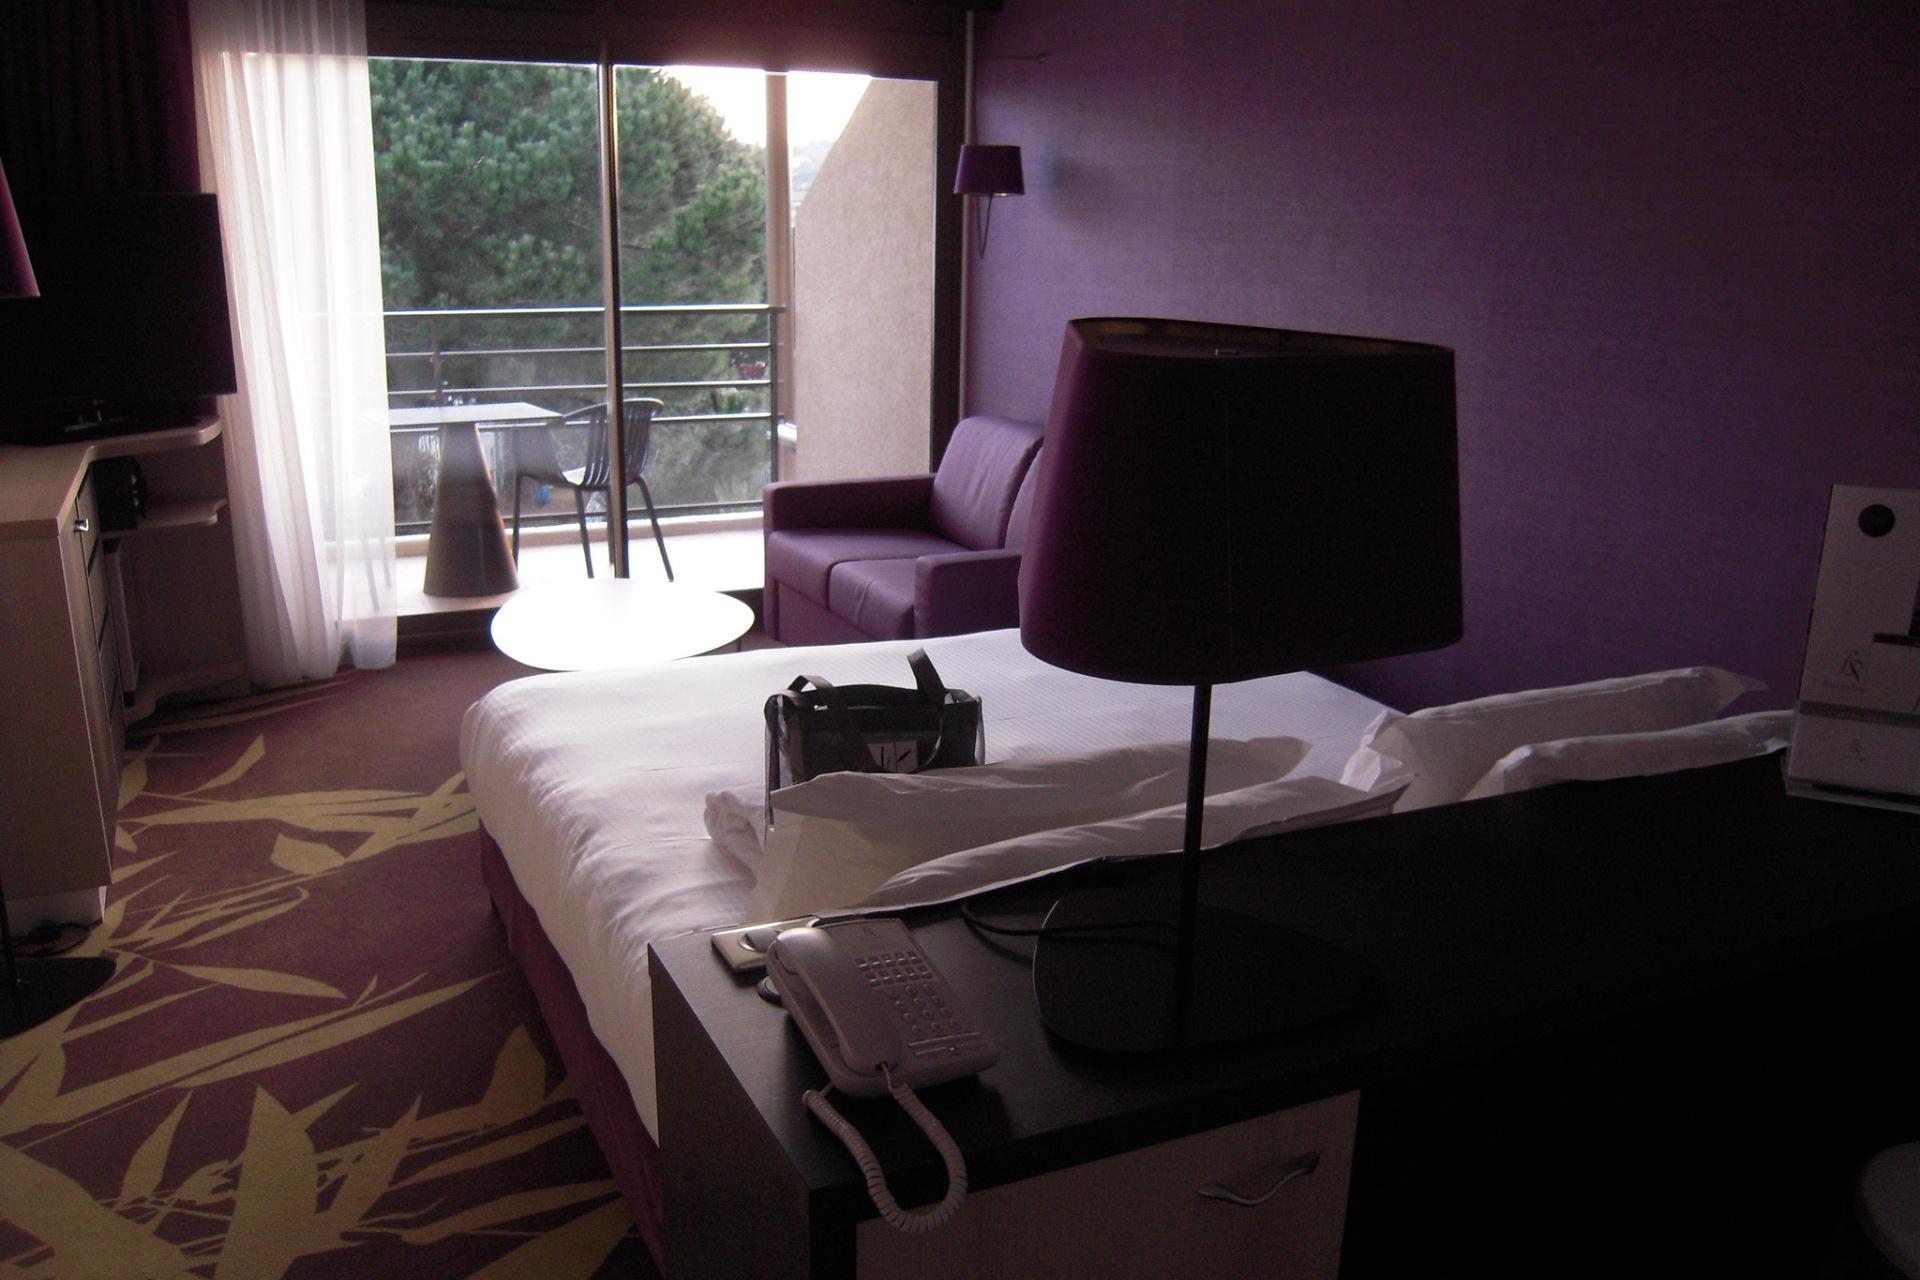 Réserver une chambre d'hôtel la journée à Paris 16